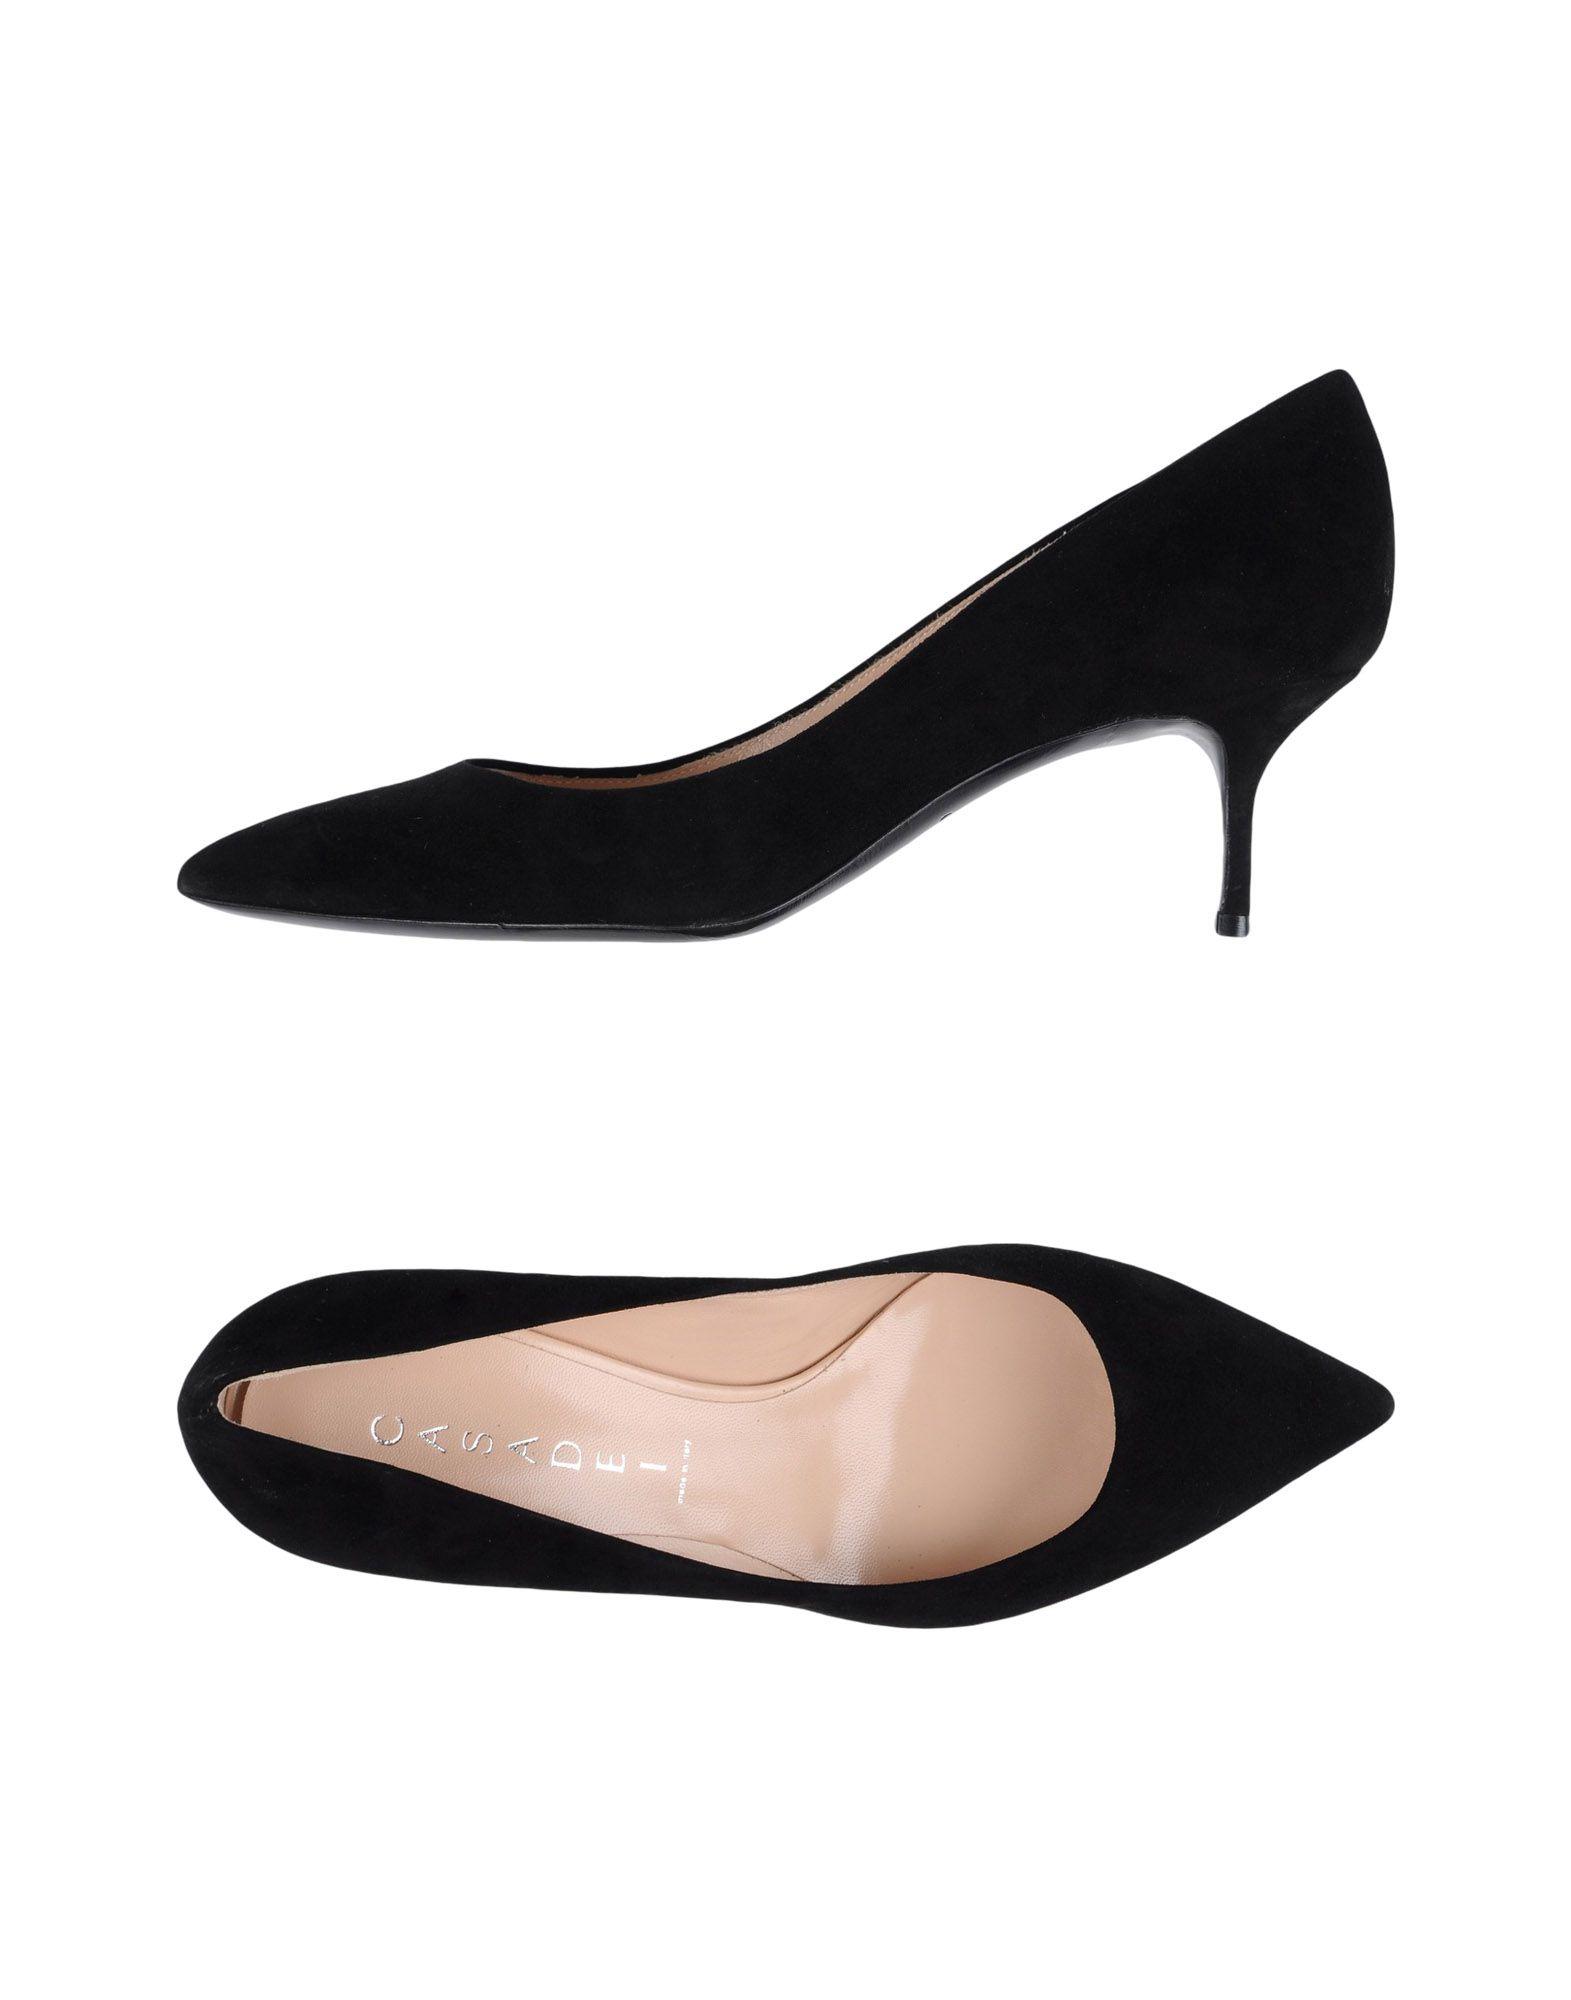 Rabatt Schuhe Casadei Damen Pumps Damen Casadei  11308890RD 14cb25